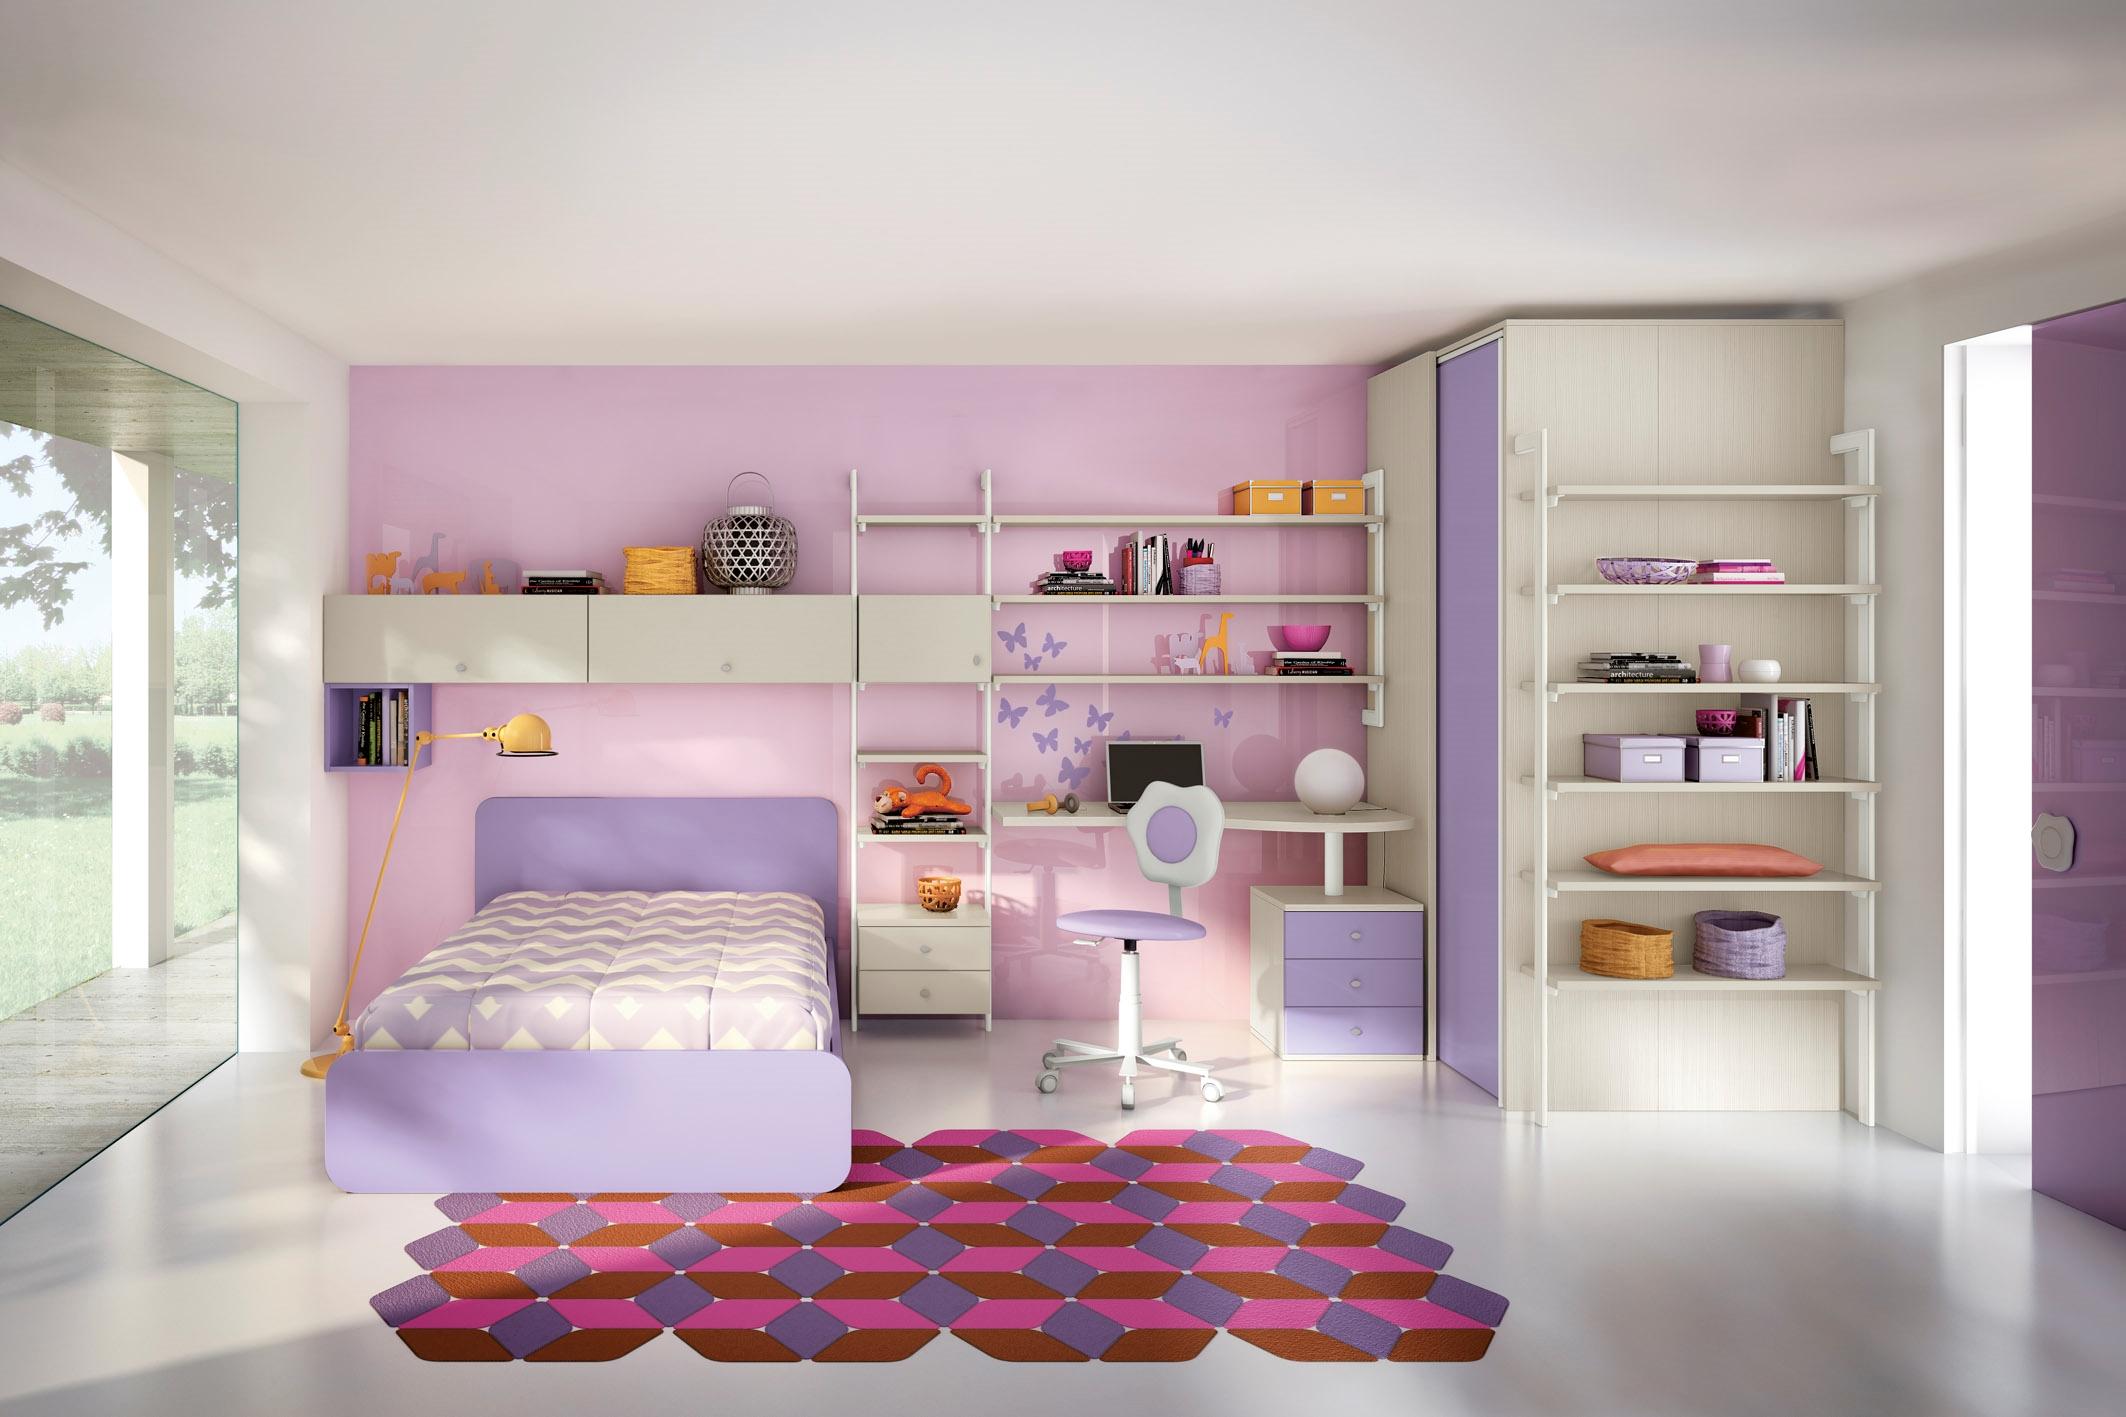 San martino cameretta bambini colorata un letto cabina armadio camerette a prezzi scontati - Cabina armadio per cameretta ...